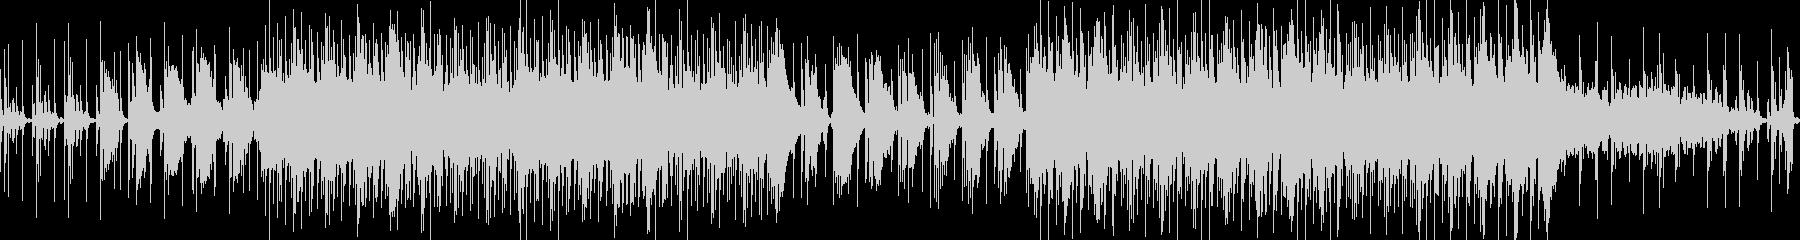 ◆ハウス音楽で落ち着いた雰囲気のBGMの未再生の波形